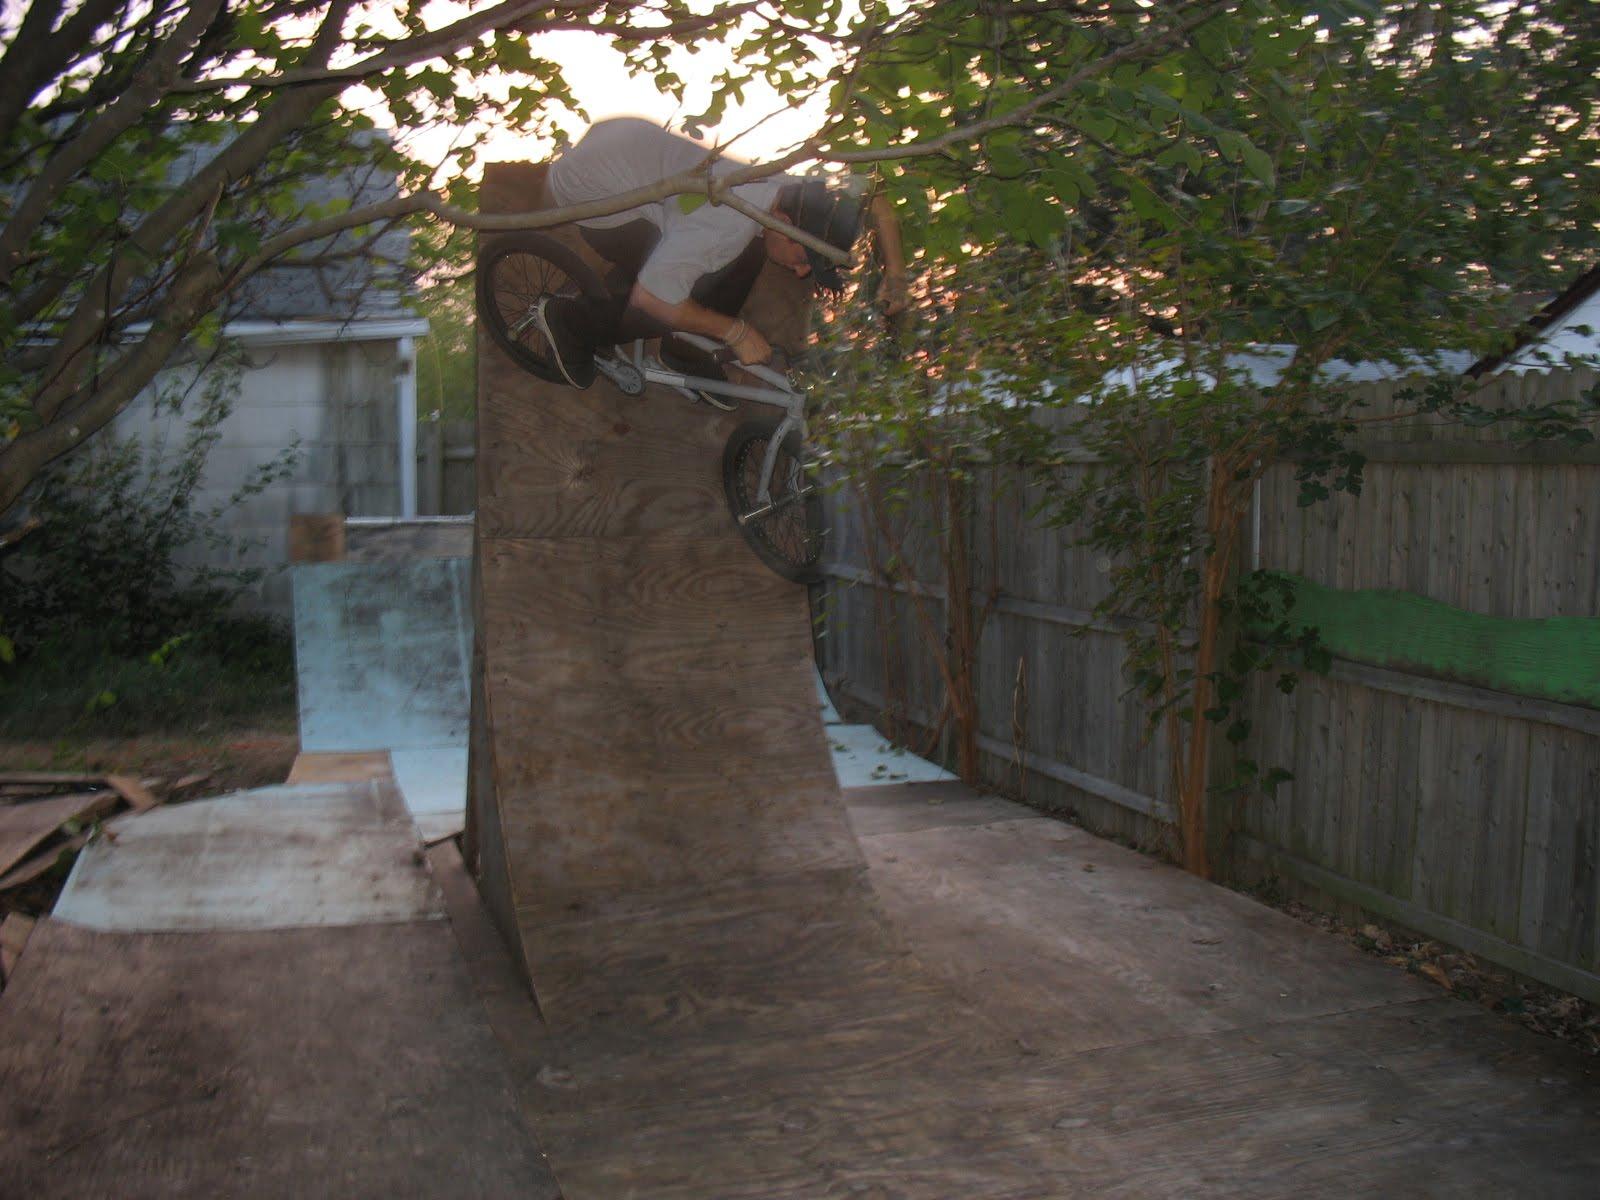 rva bmx backyard ramp